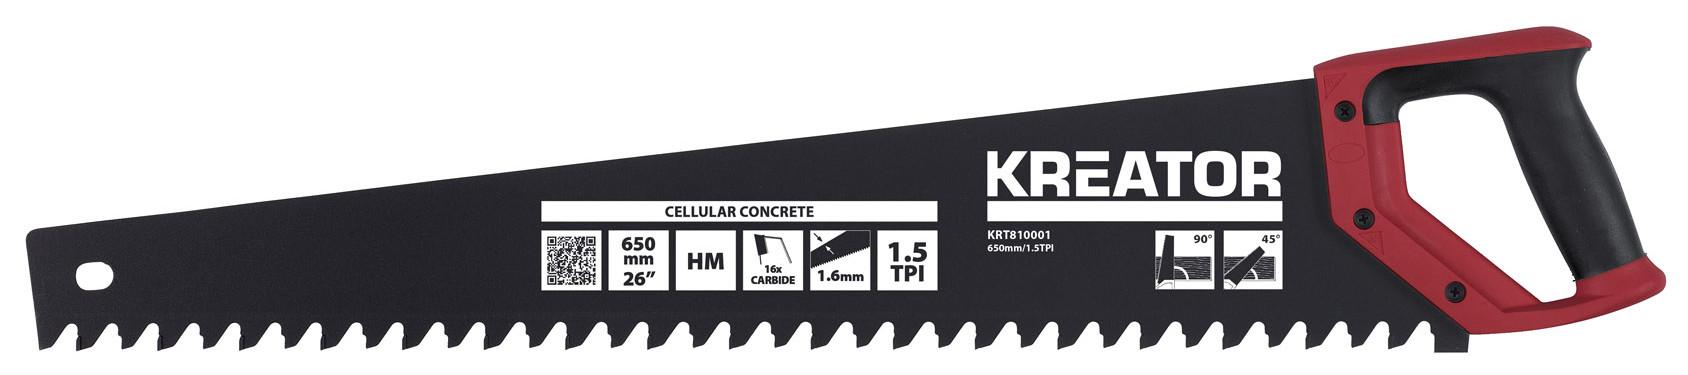 Scie égoïne à beton cellulaire 650 mm